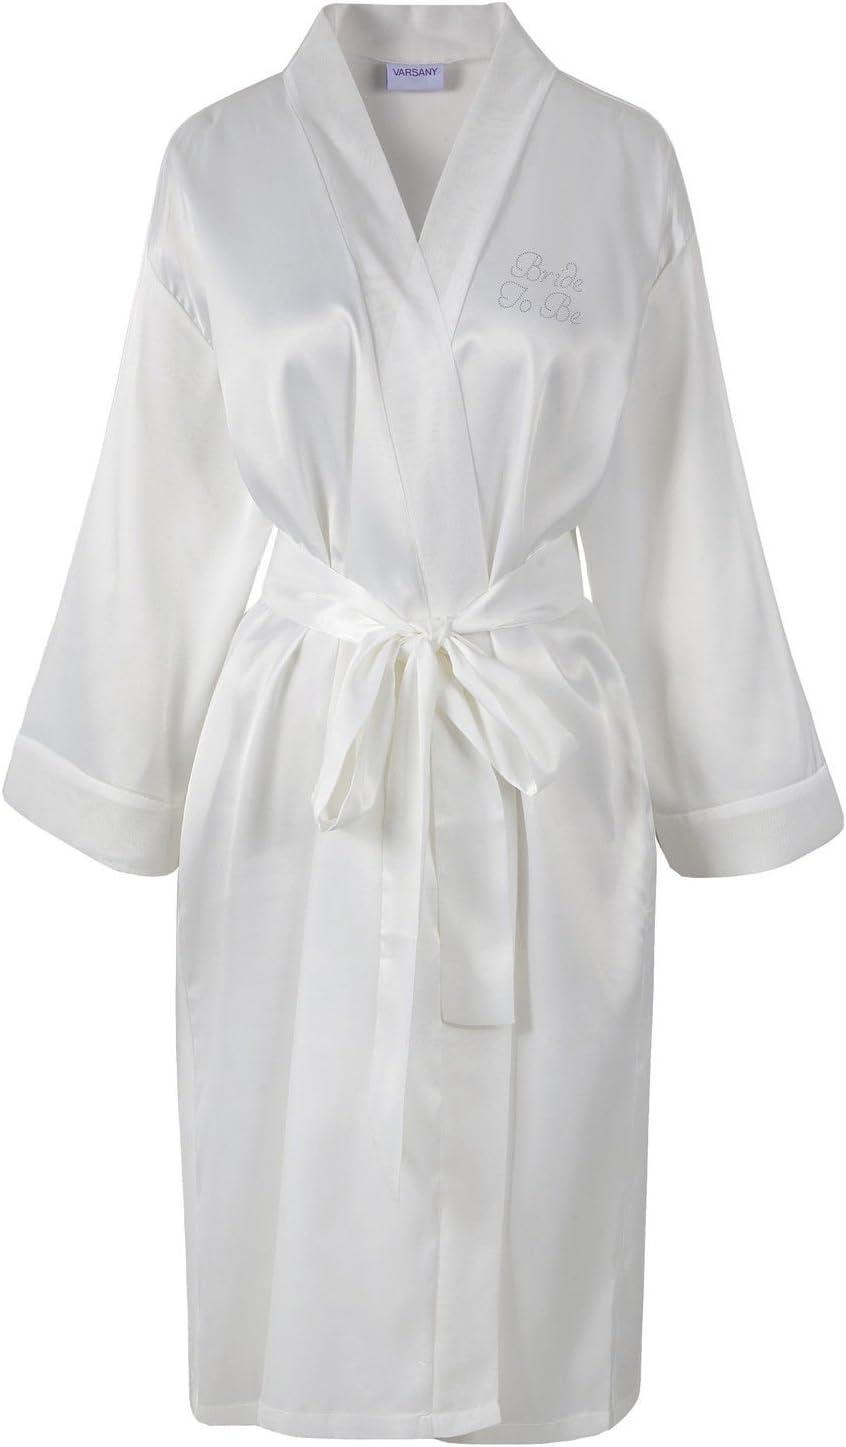 Von varsany Bride to be Satin Strass Bademantel personalisierbar mit Bademantel Kimono elfenbeinfarben Elfenbeinfarben